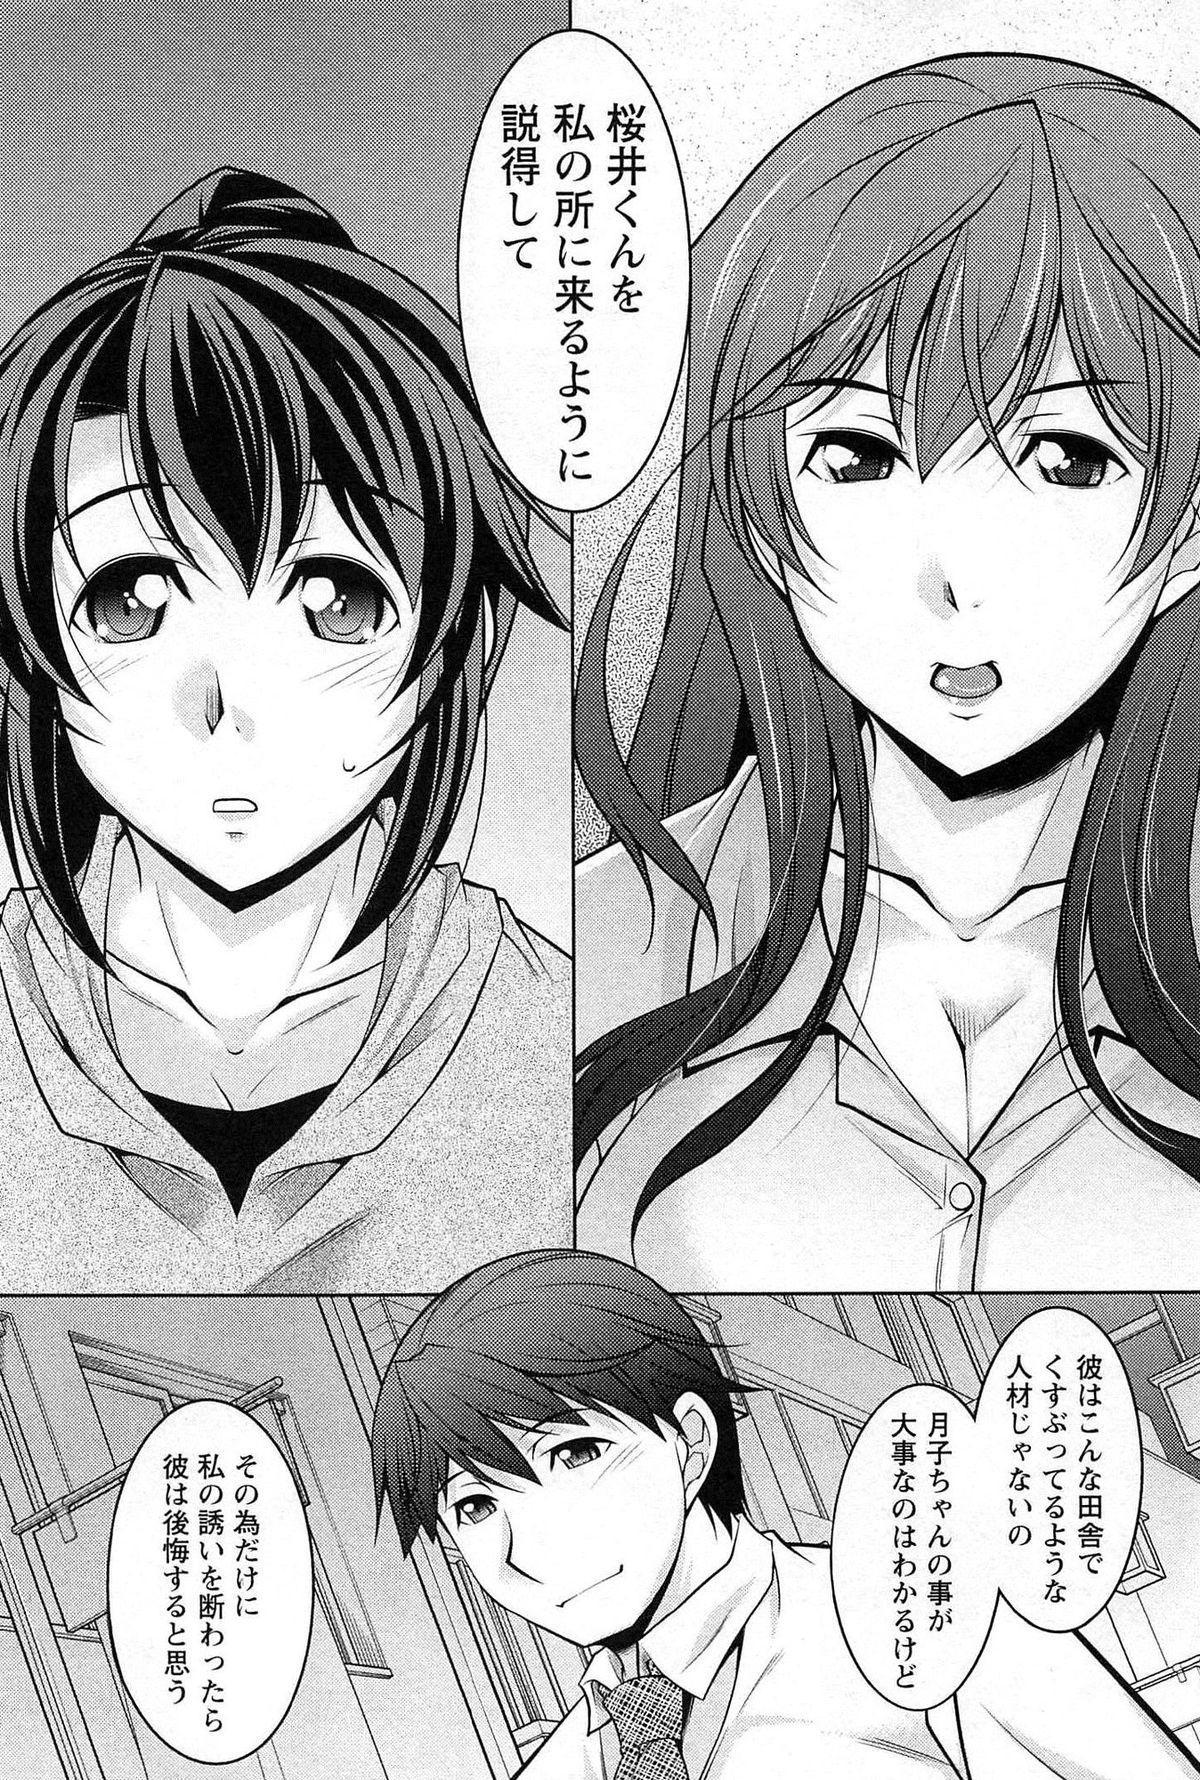 [zen9] Tsuki-wo Ai-Shite - Tsuki-ni Koi-shite 2 144